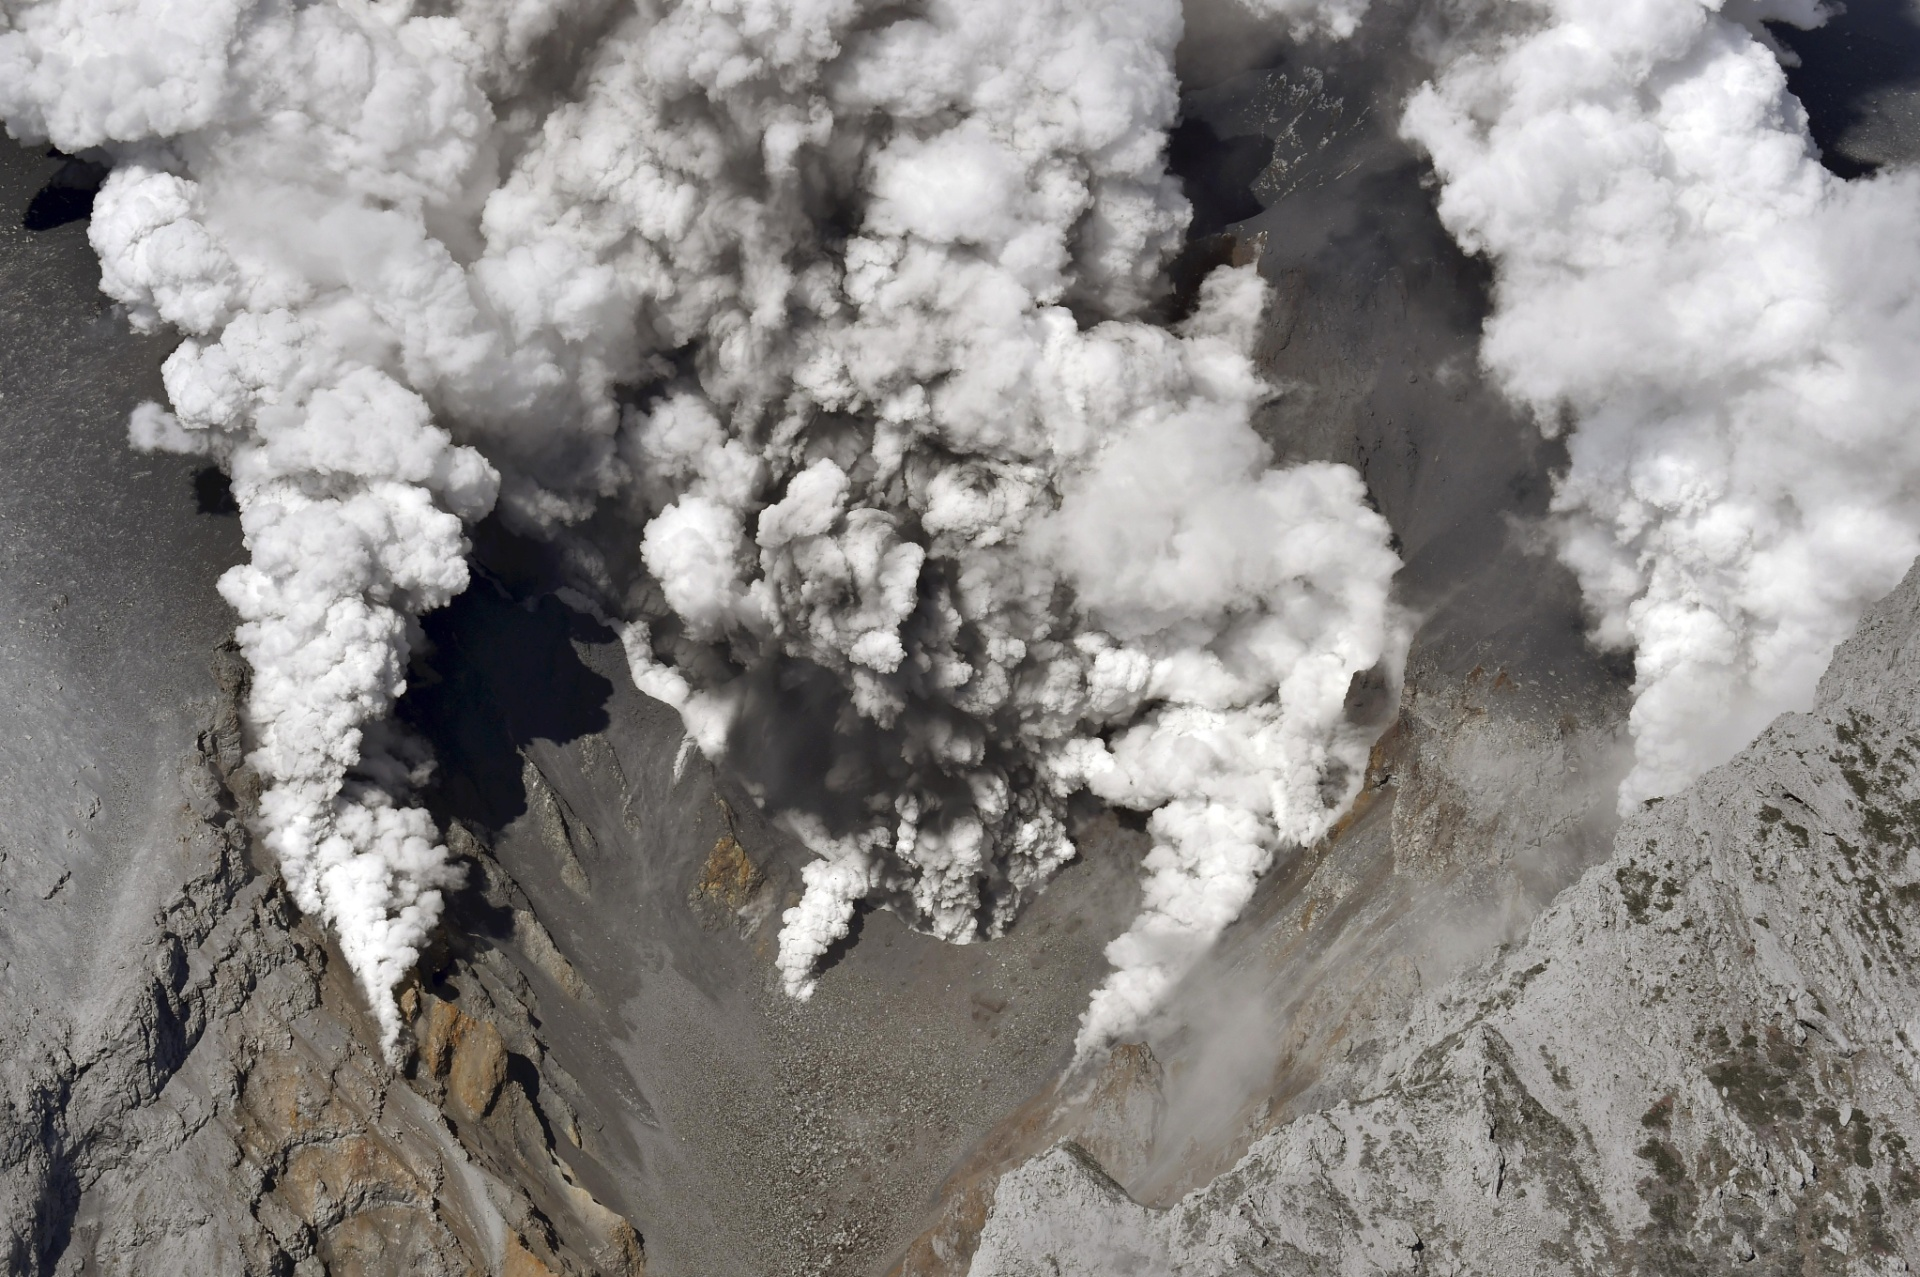 27.set.2014 - Monte Ontake, o segundo maior vulcão do Japão, entra em erupção. O departamento de bombeiros de Nagóia recebeu os avisos de oito pessoas que ficaram feridas por causa da erupção enquanto passeavam perto da montanha